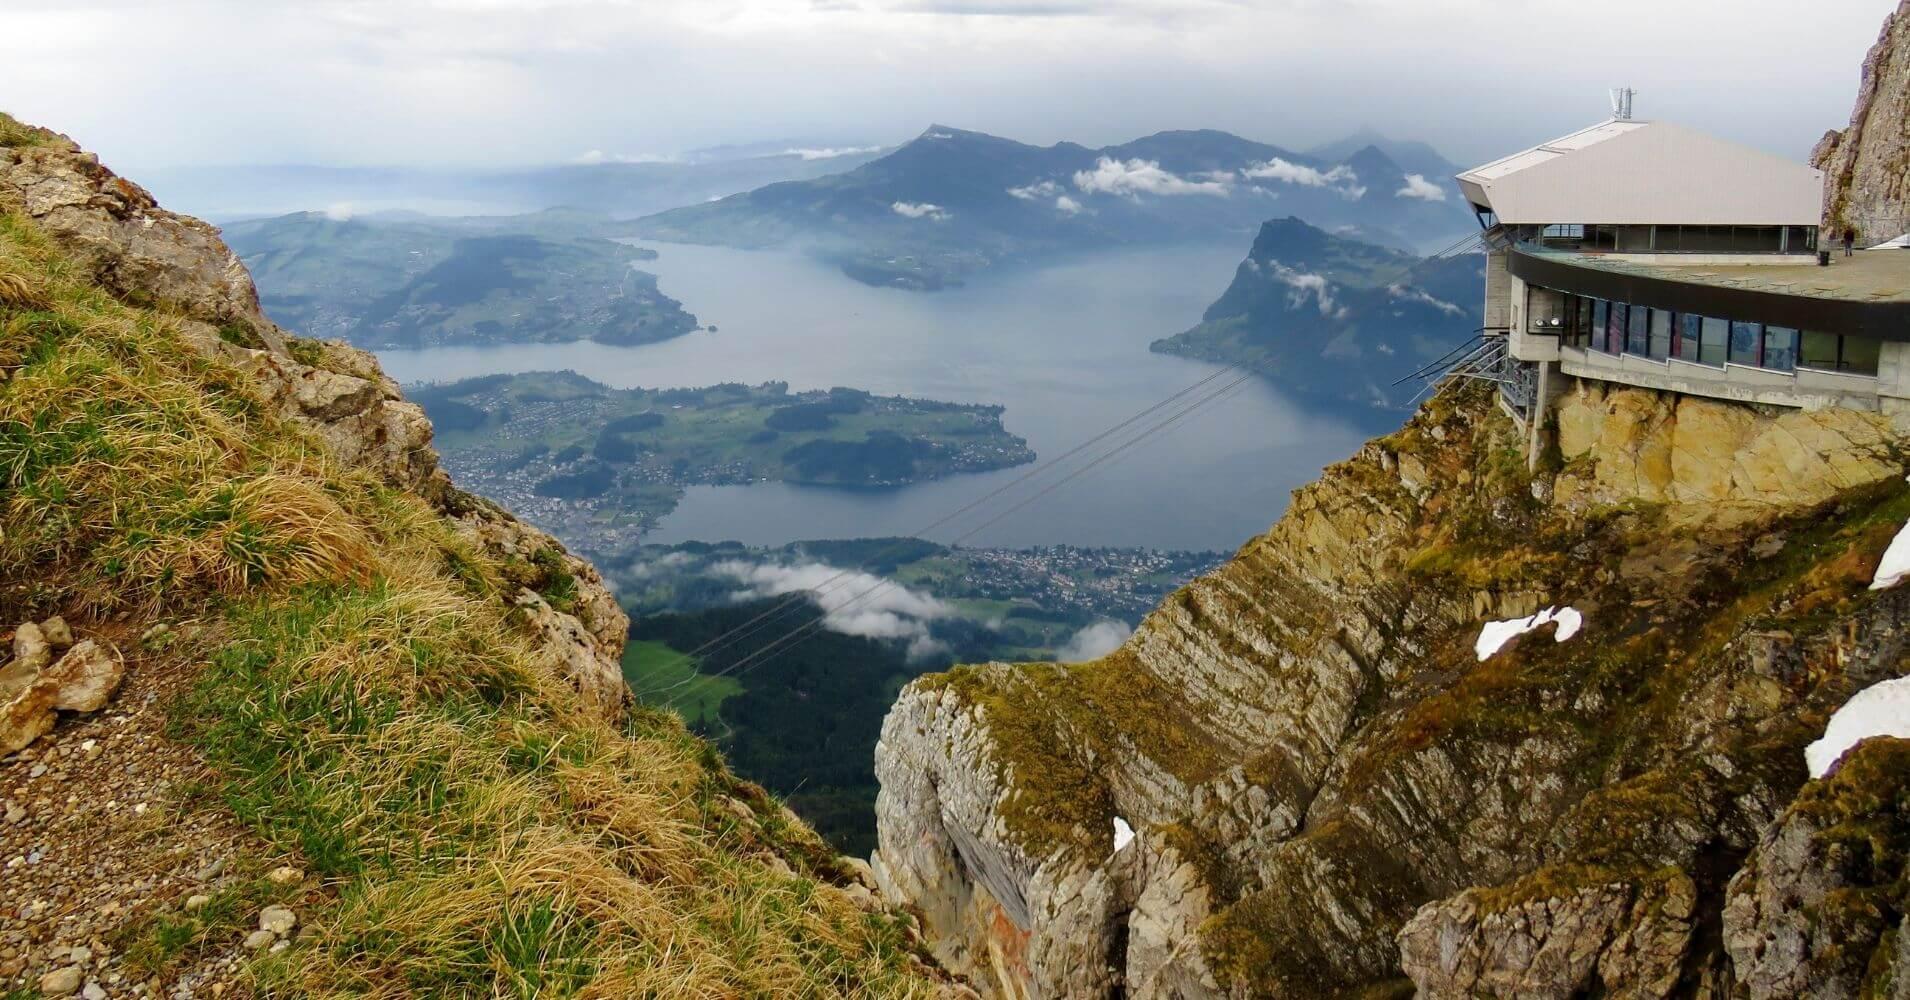 Panorámicas de los Lagos desde el Monte Pilatus. Suiza.